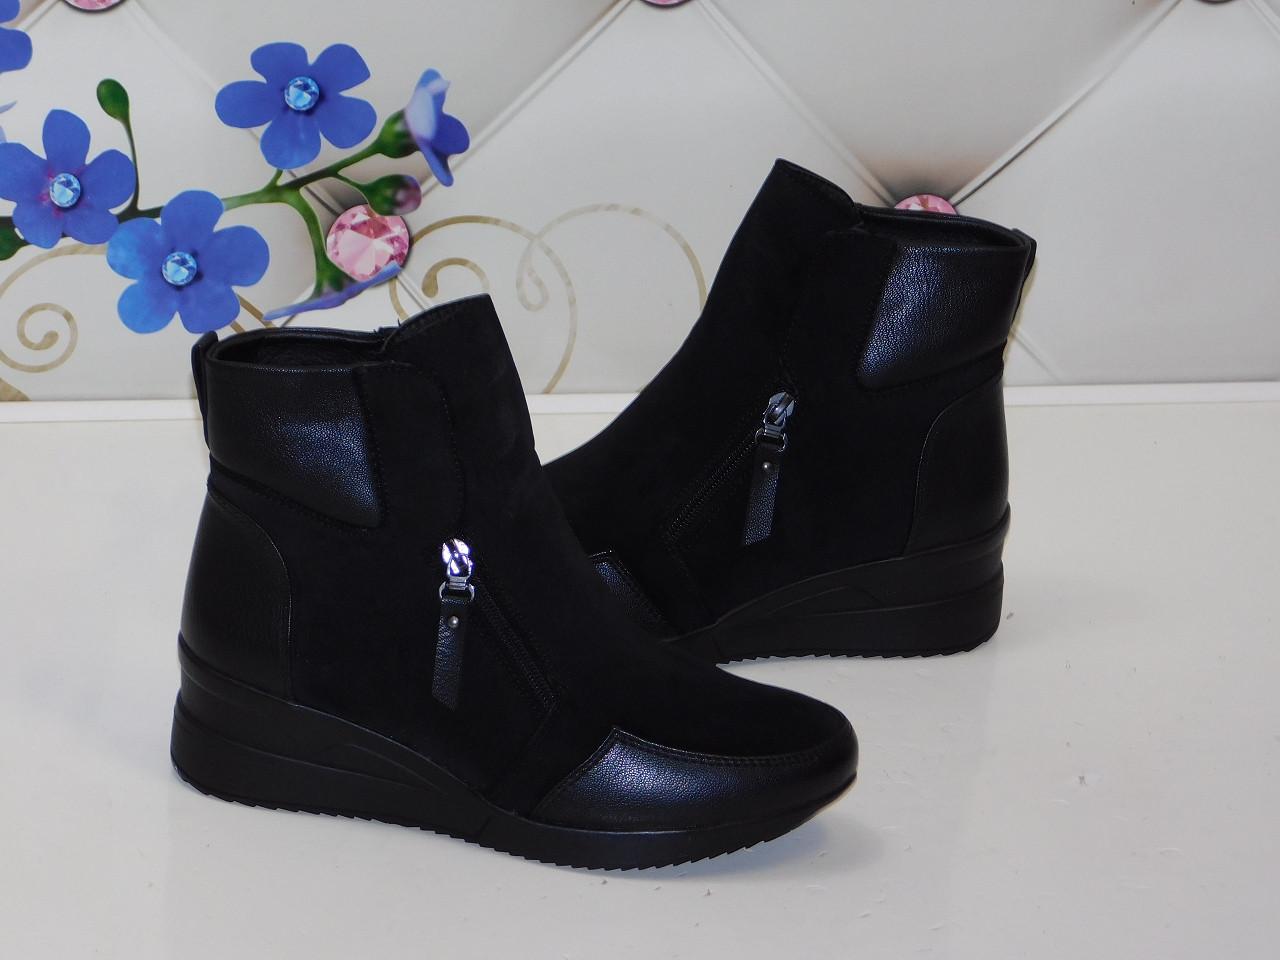 cbaa02bf9 Ботинки (кроссовки) зимние женские замшевые черные спортивные - магазин  женской обуви Lady Vogue в